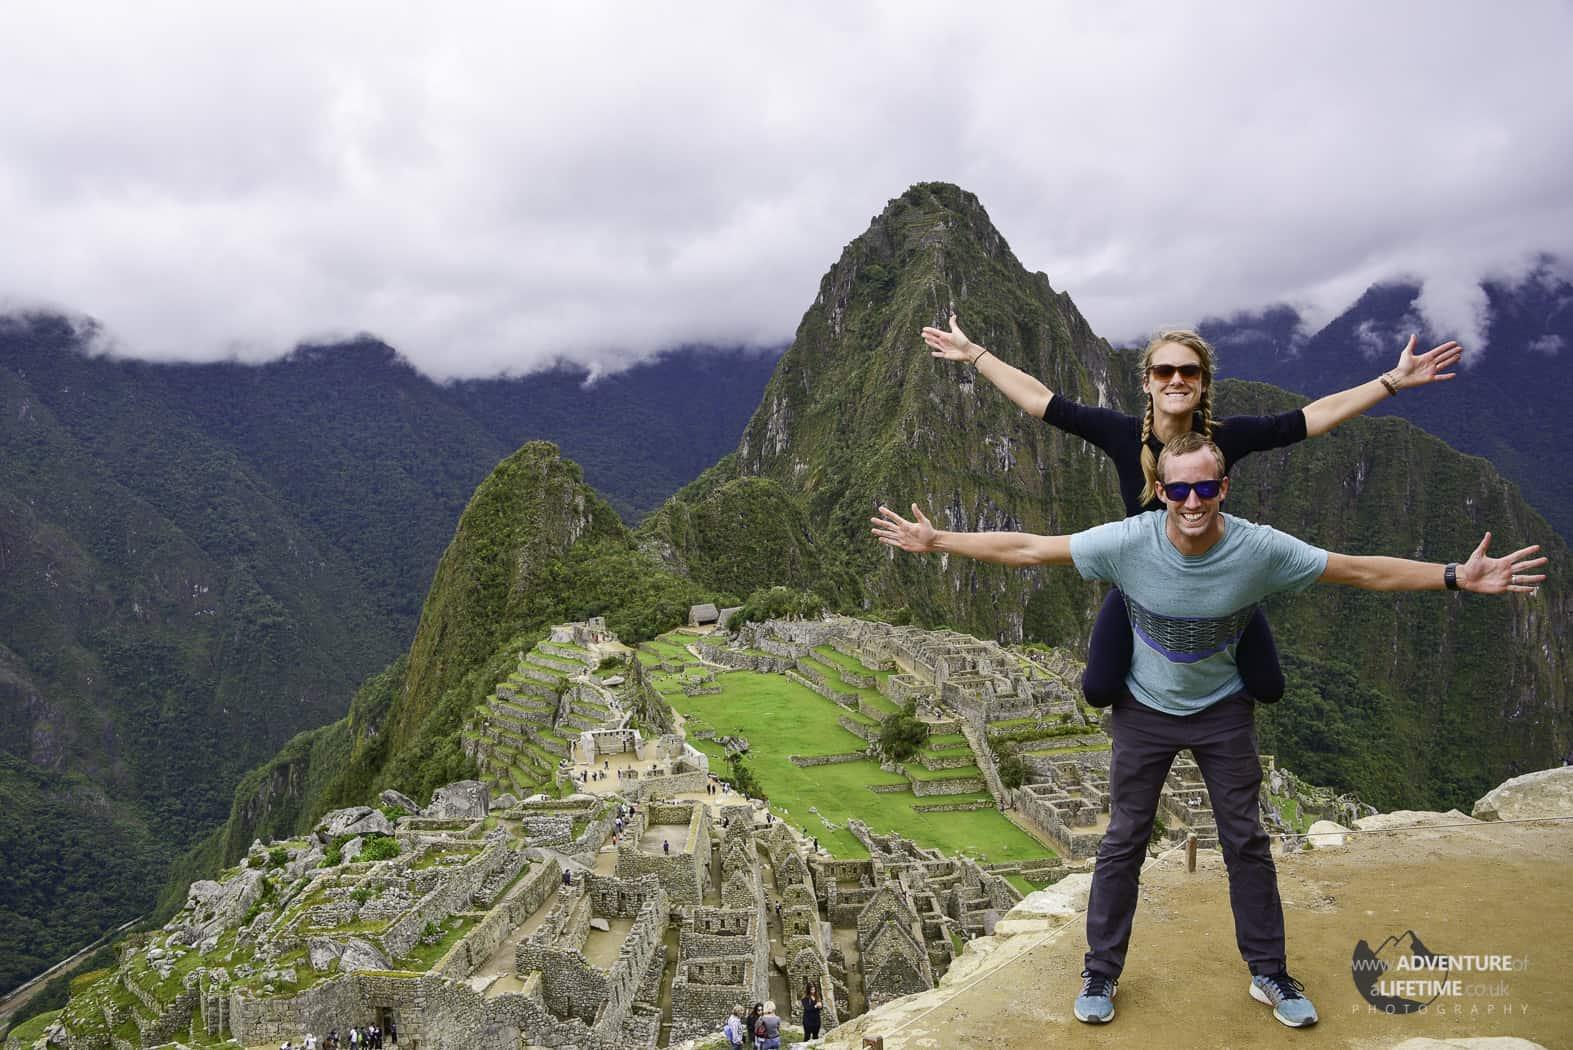 Michael & Dora at Machu Picchu